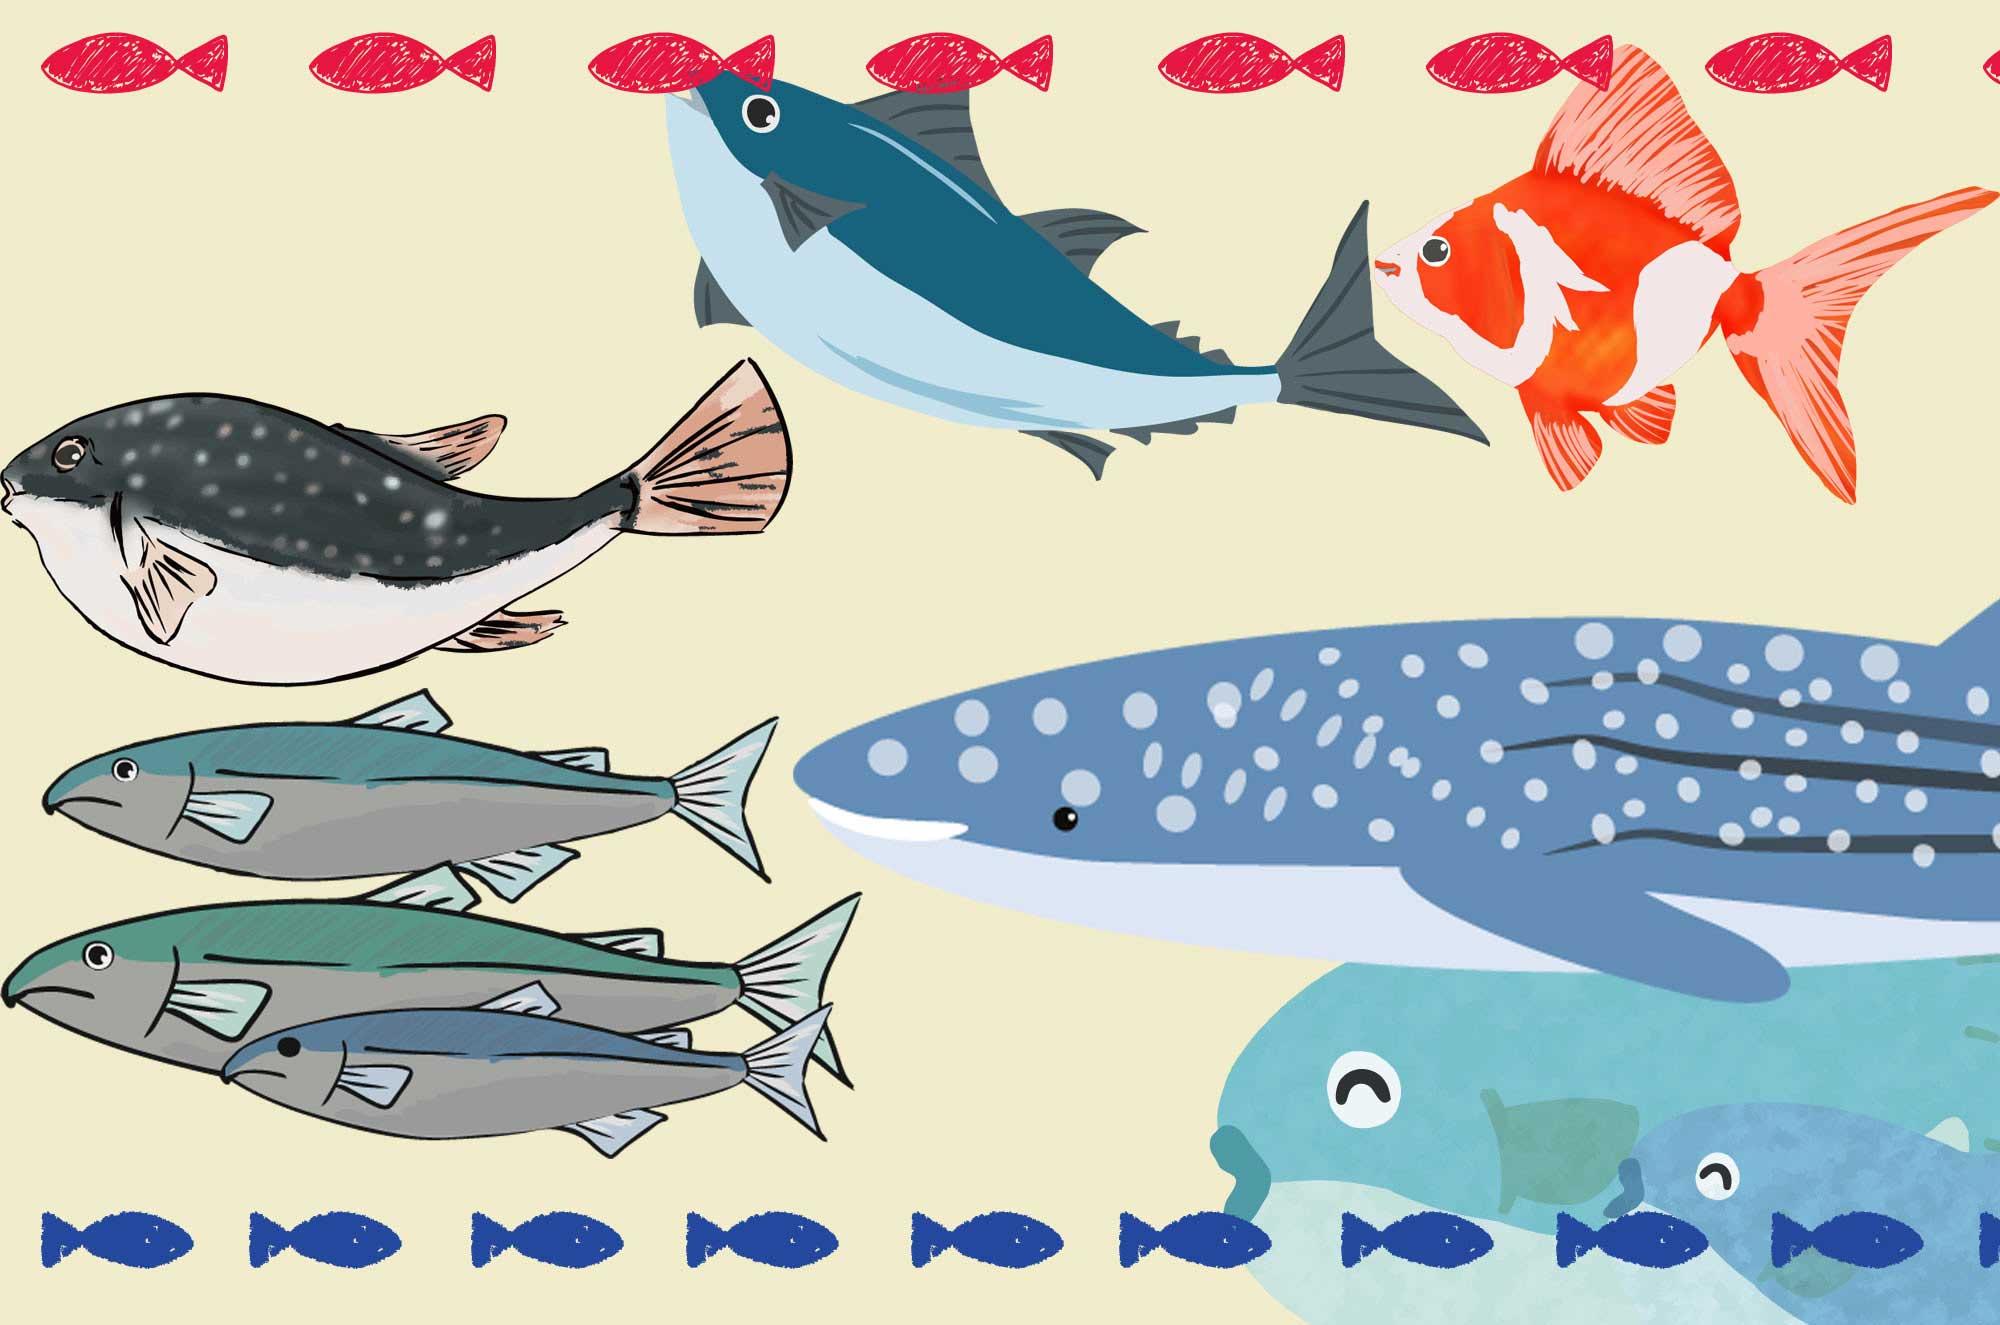 魚のイラスト特集 - 海・淡水の無料で使える可愛い素材